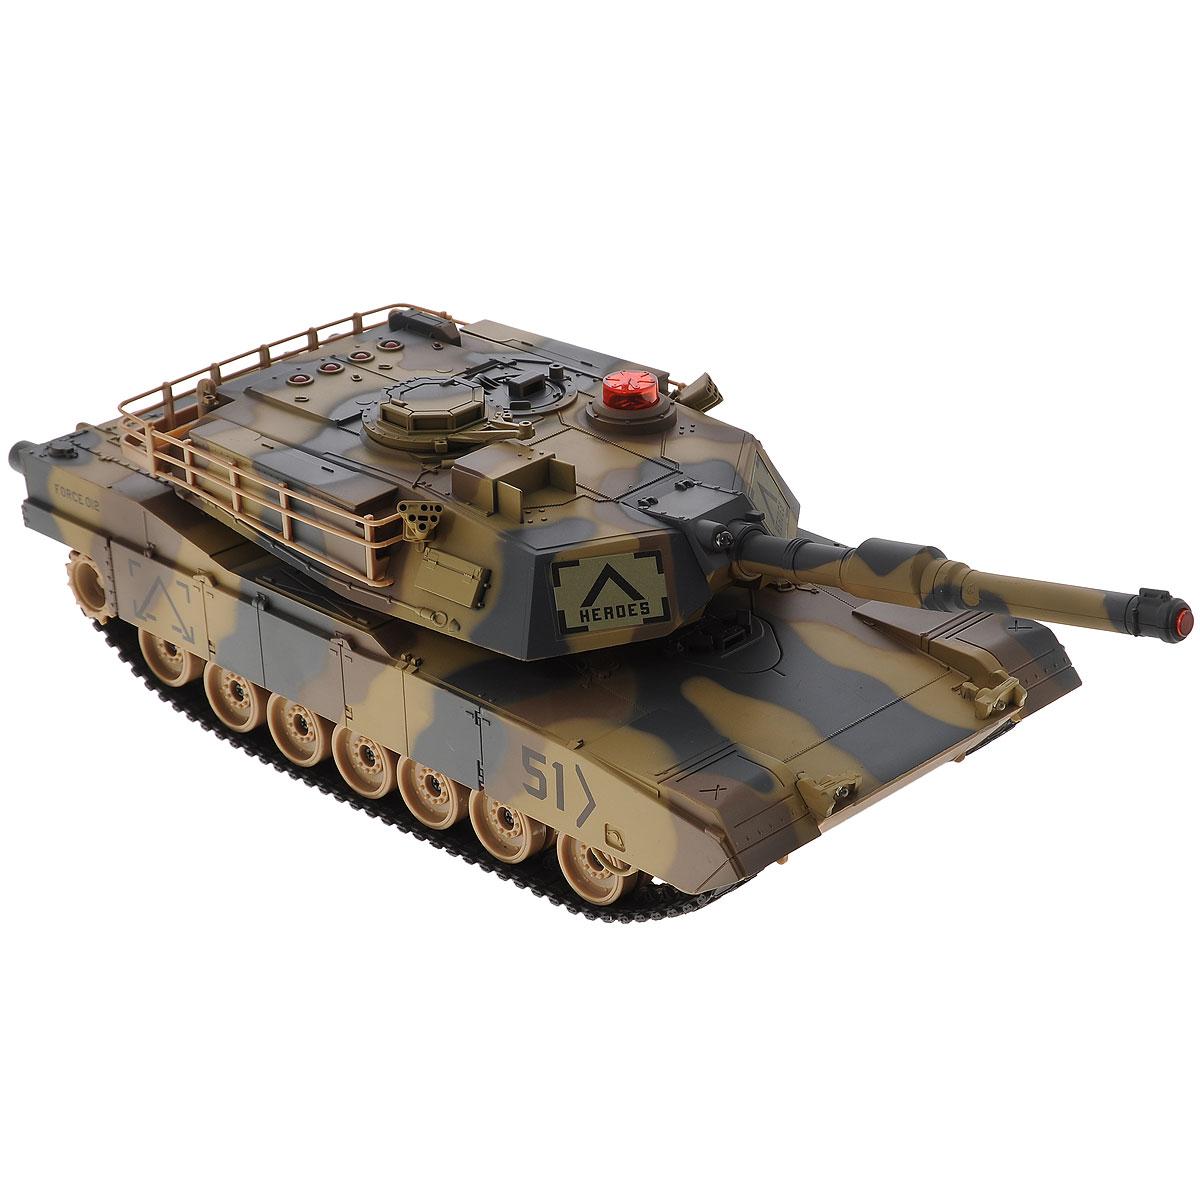 ABtoys Танк на радиоуправлении C-00111C-00111(549)Все дети хотят иметь в наборе своих игрушек ослепительные, невероятные и крутые танки на радиоуправлении. Тем более если это танк с мировым именем, с проработкой всех деталей, удивляющий приятным качеством и видом. Купить танковый бой своему малышу - значит вовлечь его в мир взрослых, где нет времени на бесполезные игрушки.